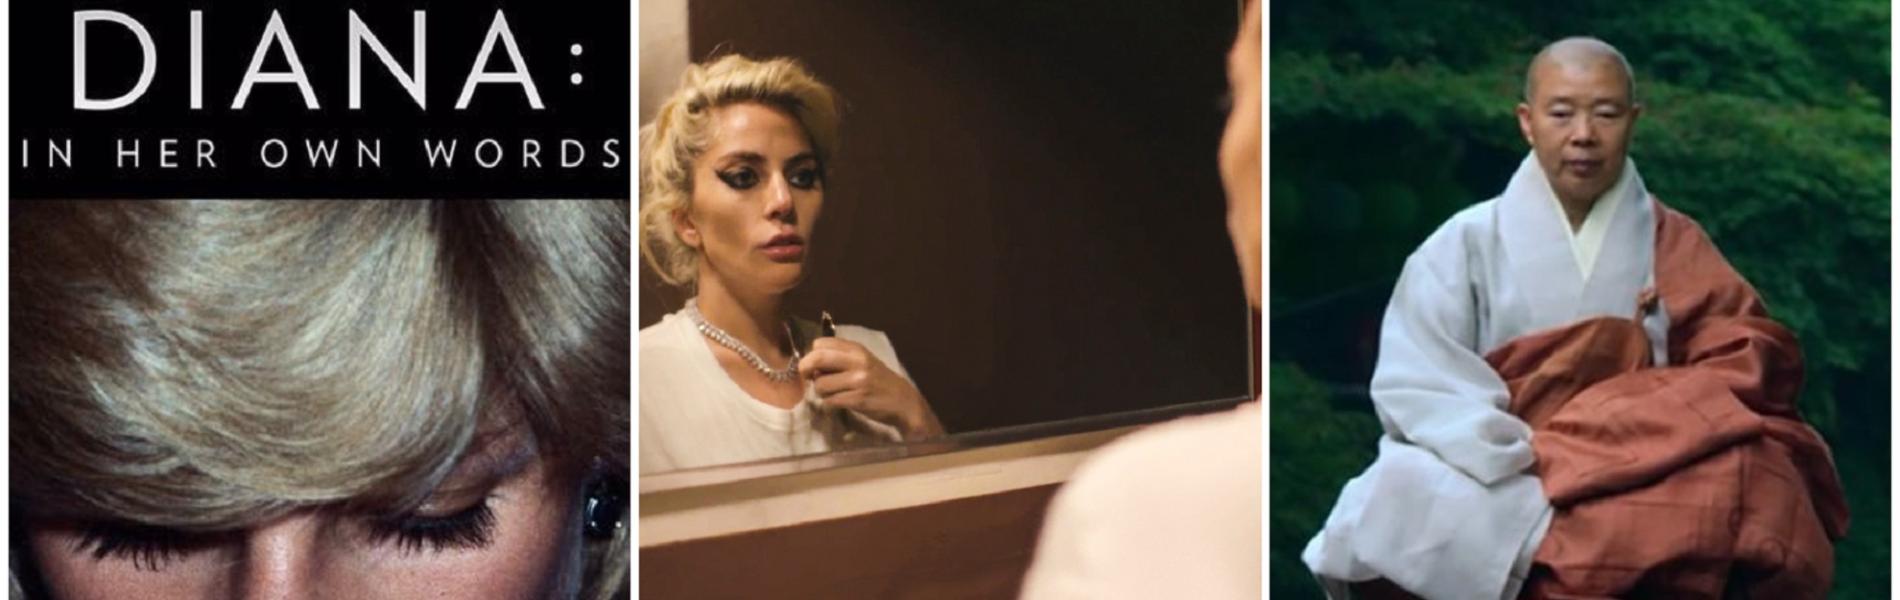 5 סרטים מצויינים על נשים מרתקות ליום האישה